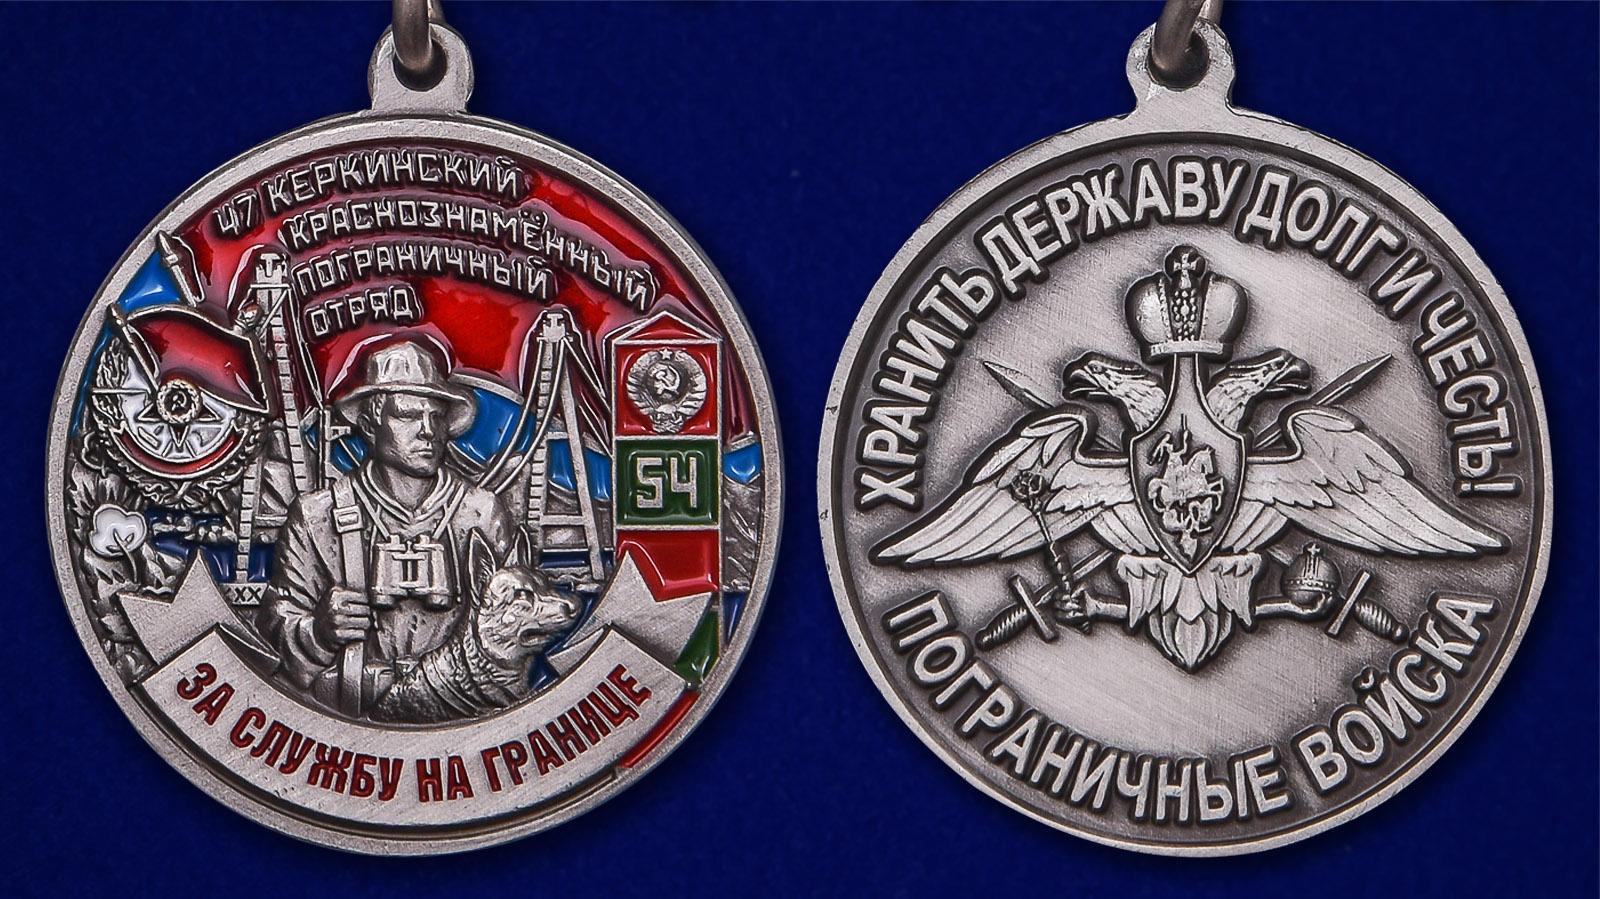 Нагрудная медаль За службу в Керкинском пограничном отряде - аверс и реверс